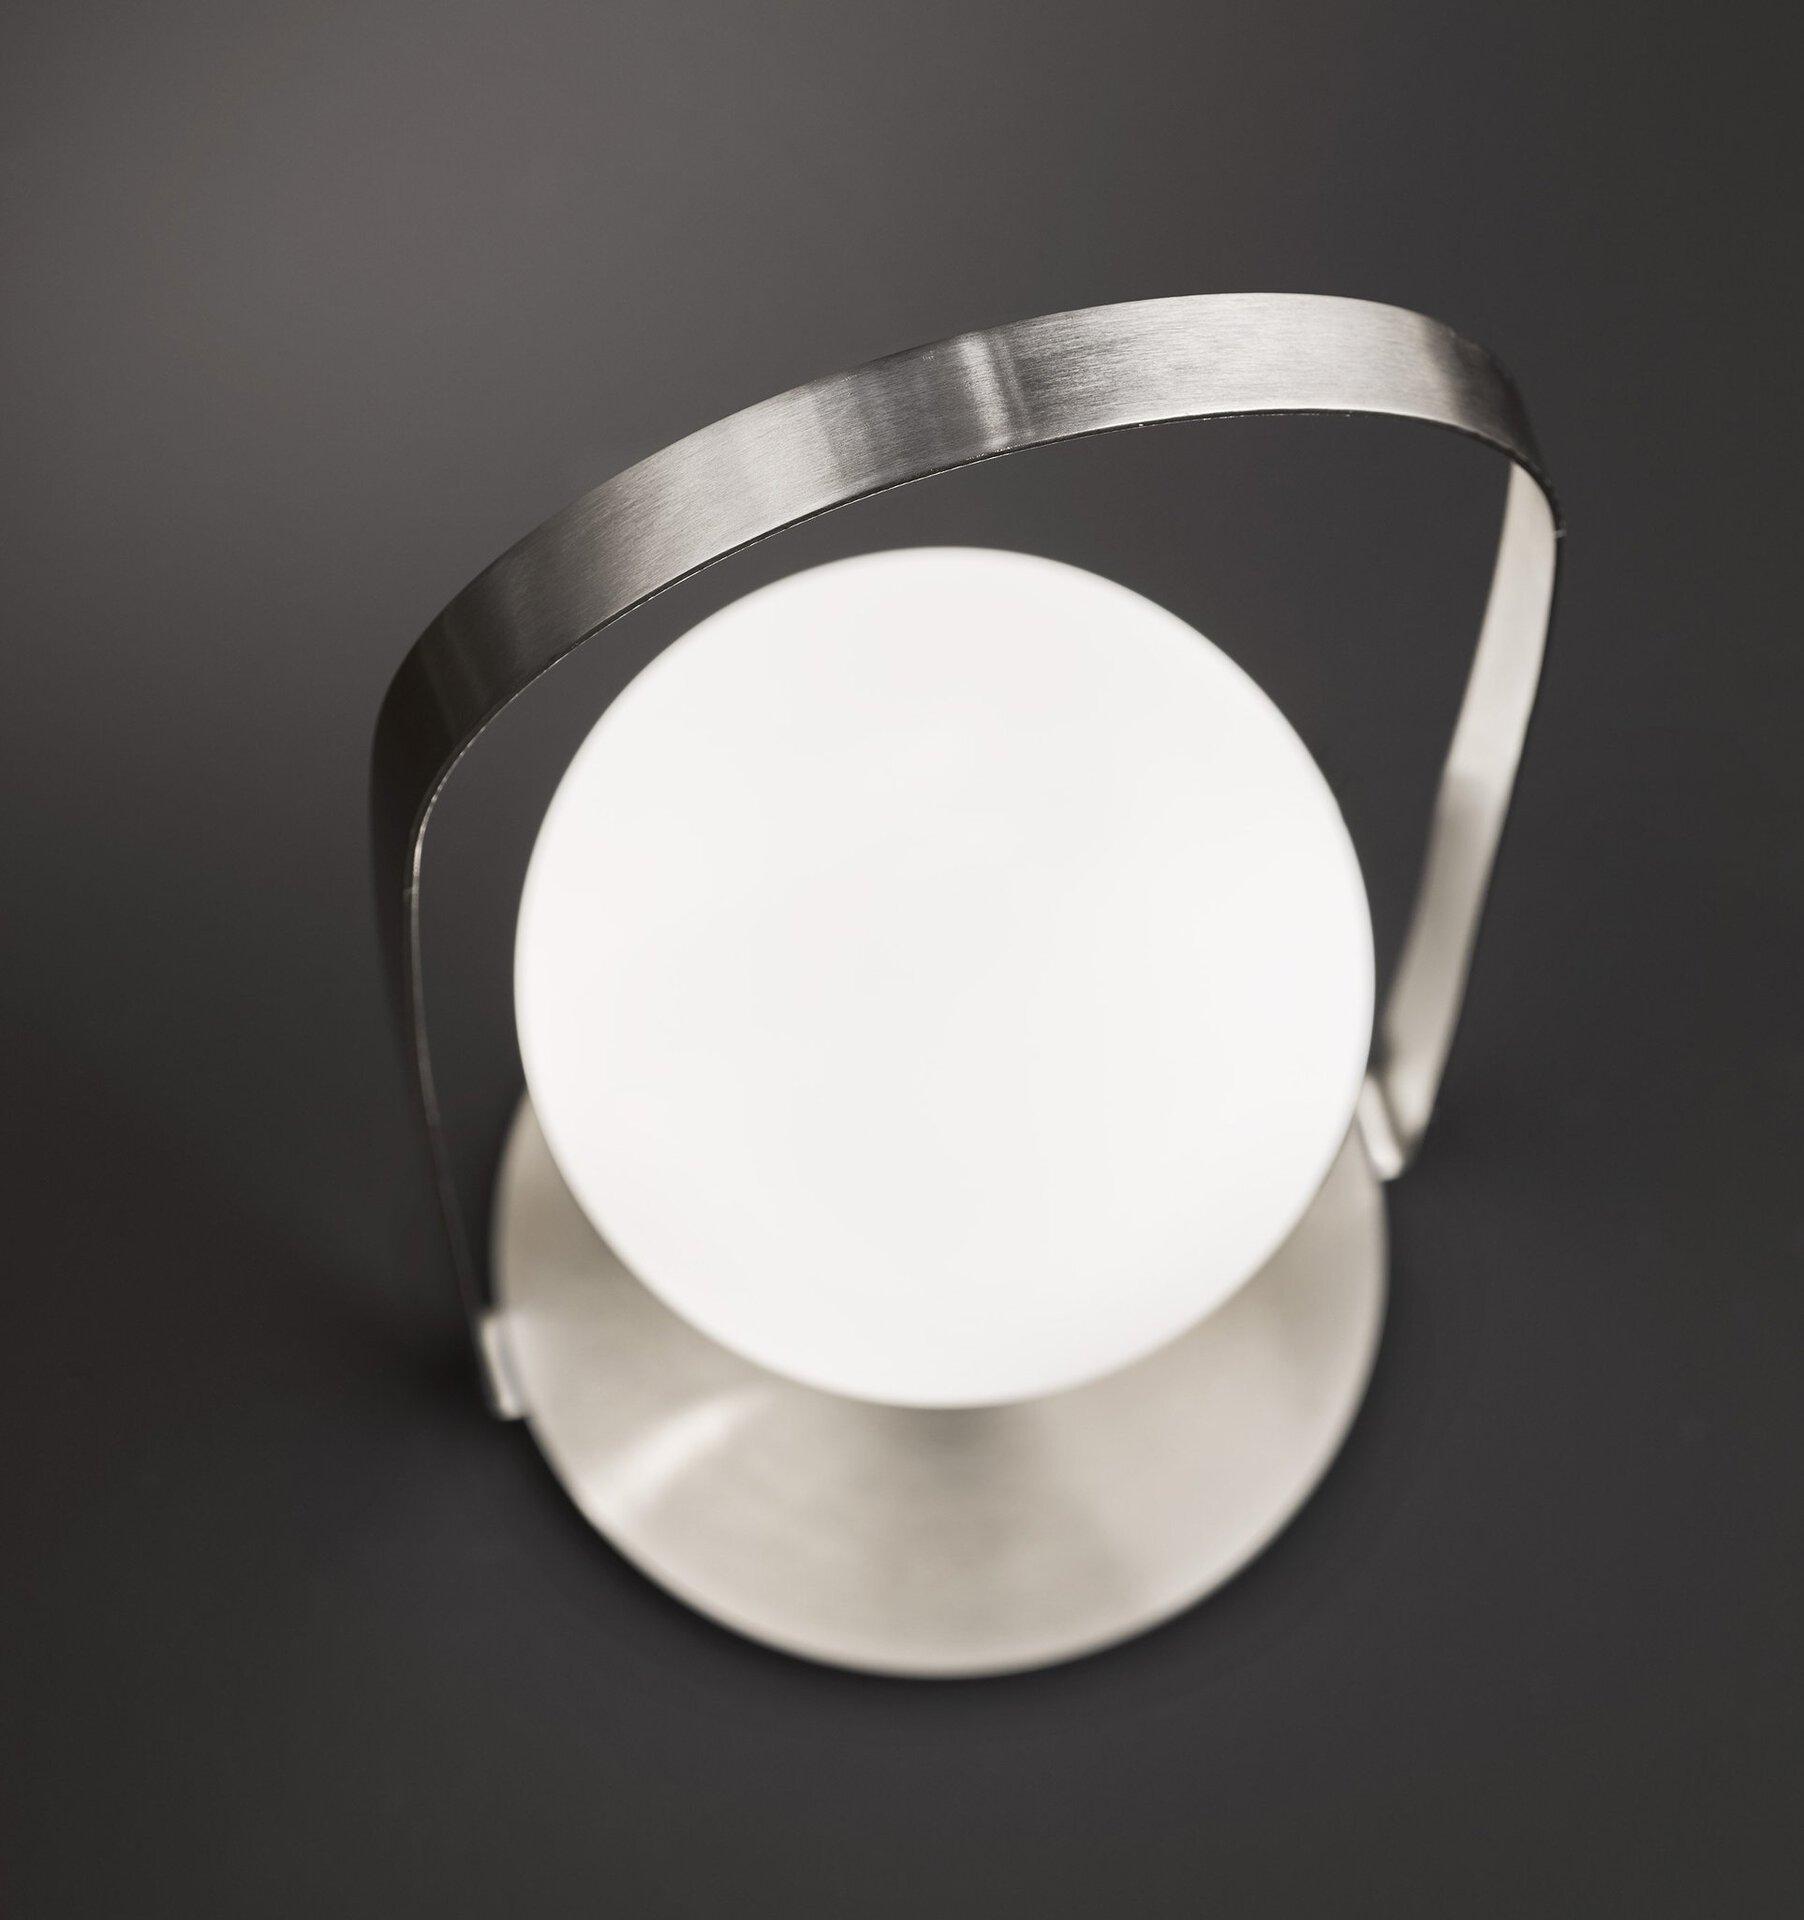 Tischleuchte Verre Wofi Leuchten Metall silber 20 x 40 x 20 cm